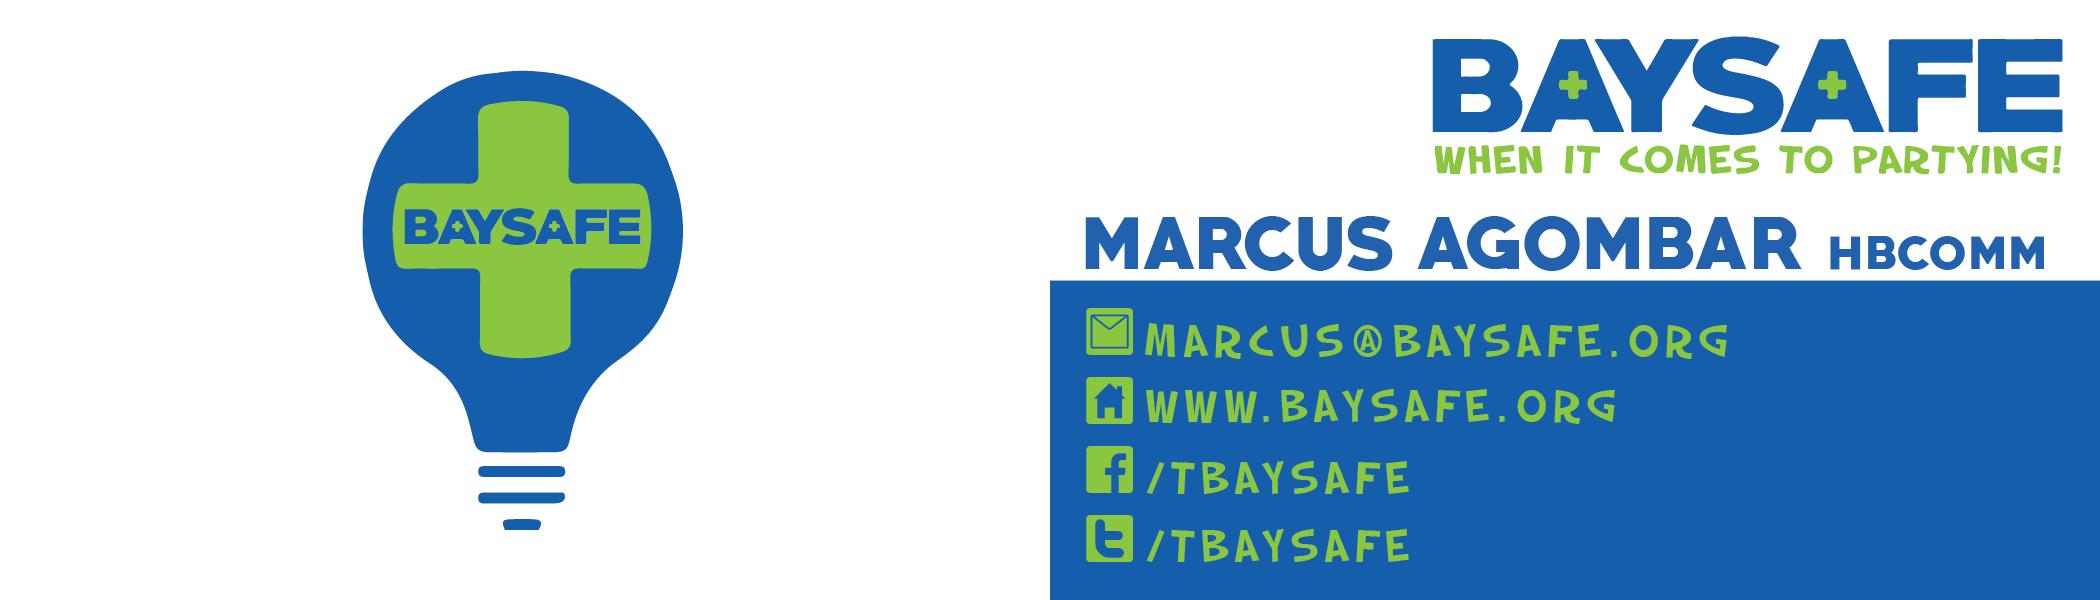 baysafebizcard2.jpg